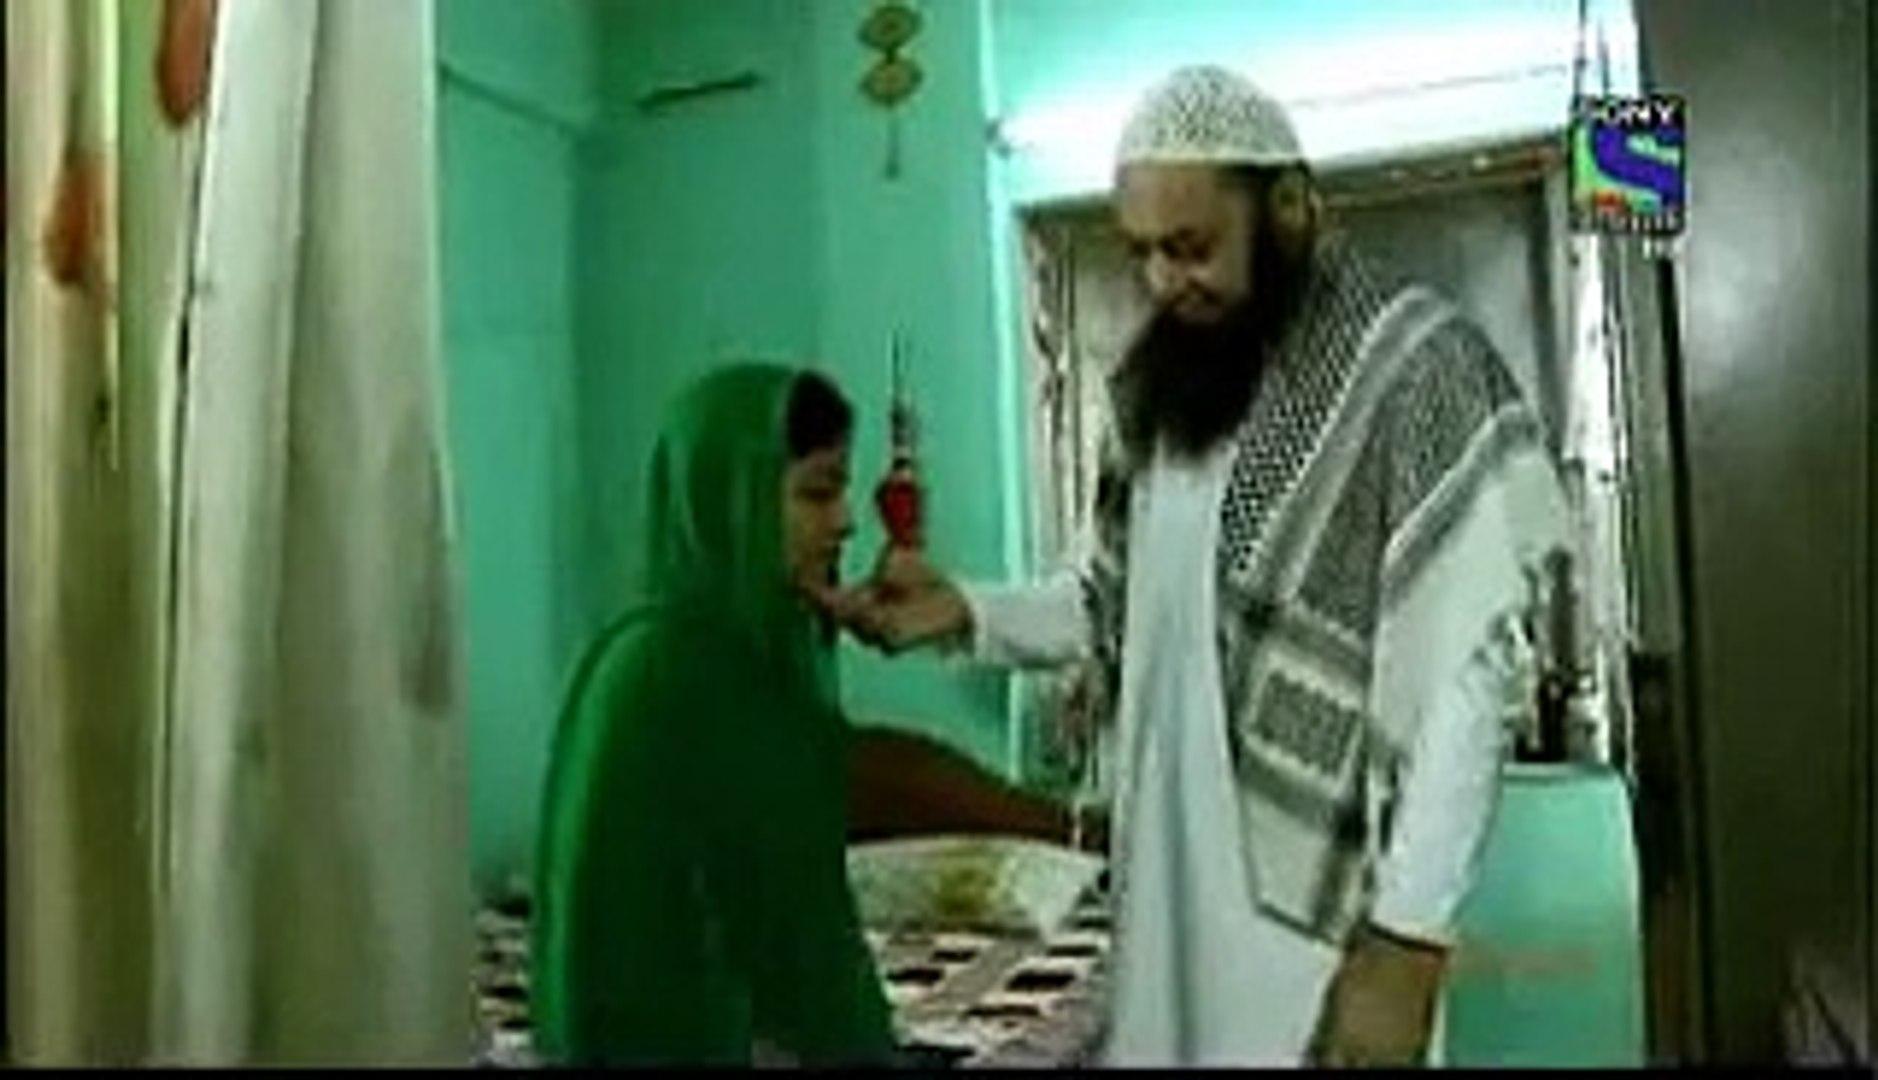 مولوی شریف کی 14 سالہ لڑکی کے ساتھ زیادتی کی ویڈیو منظر عام